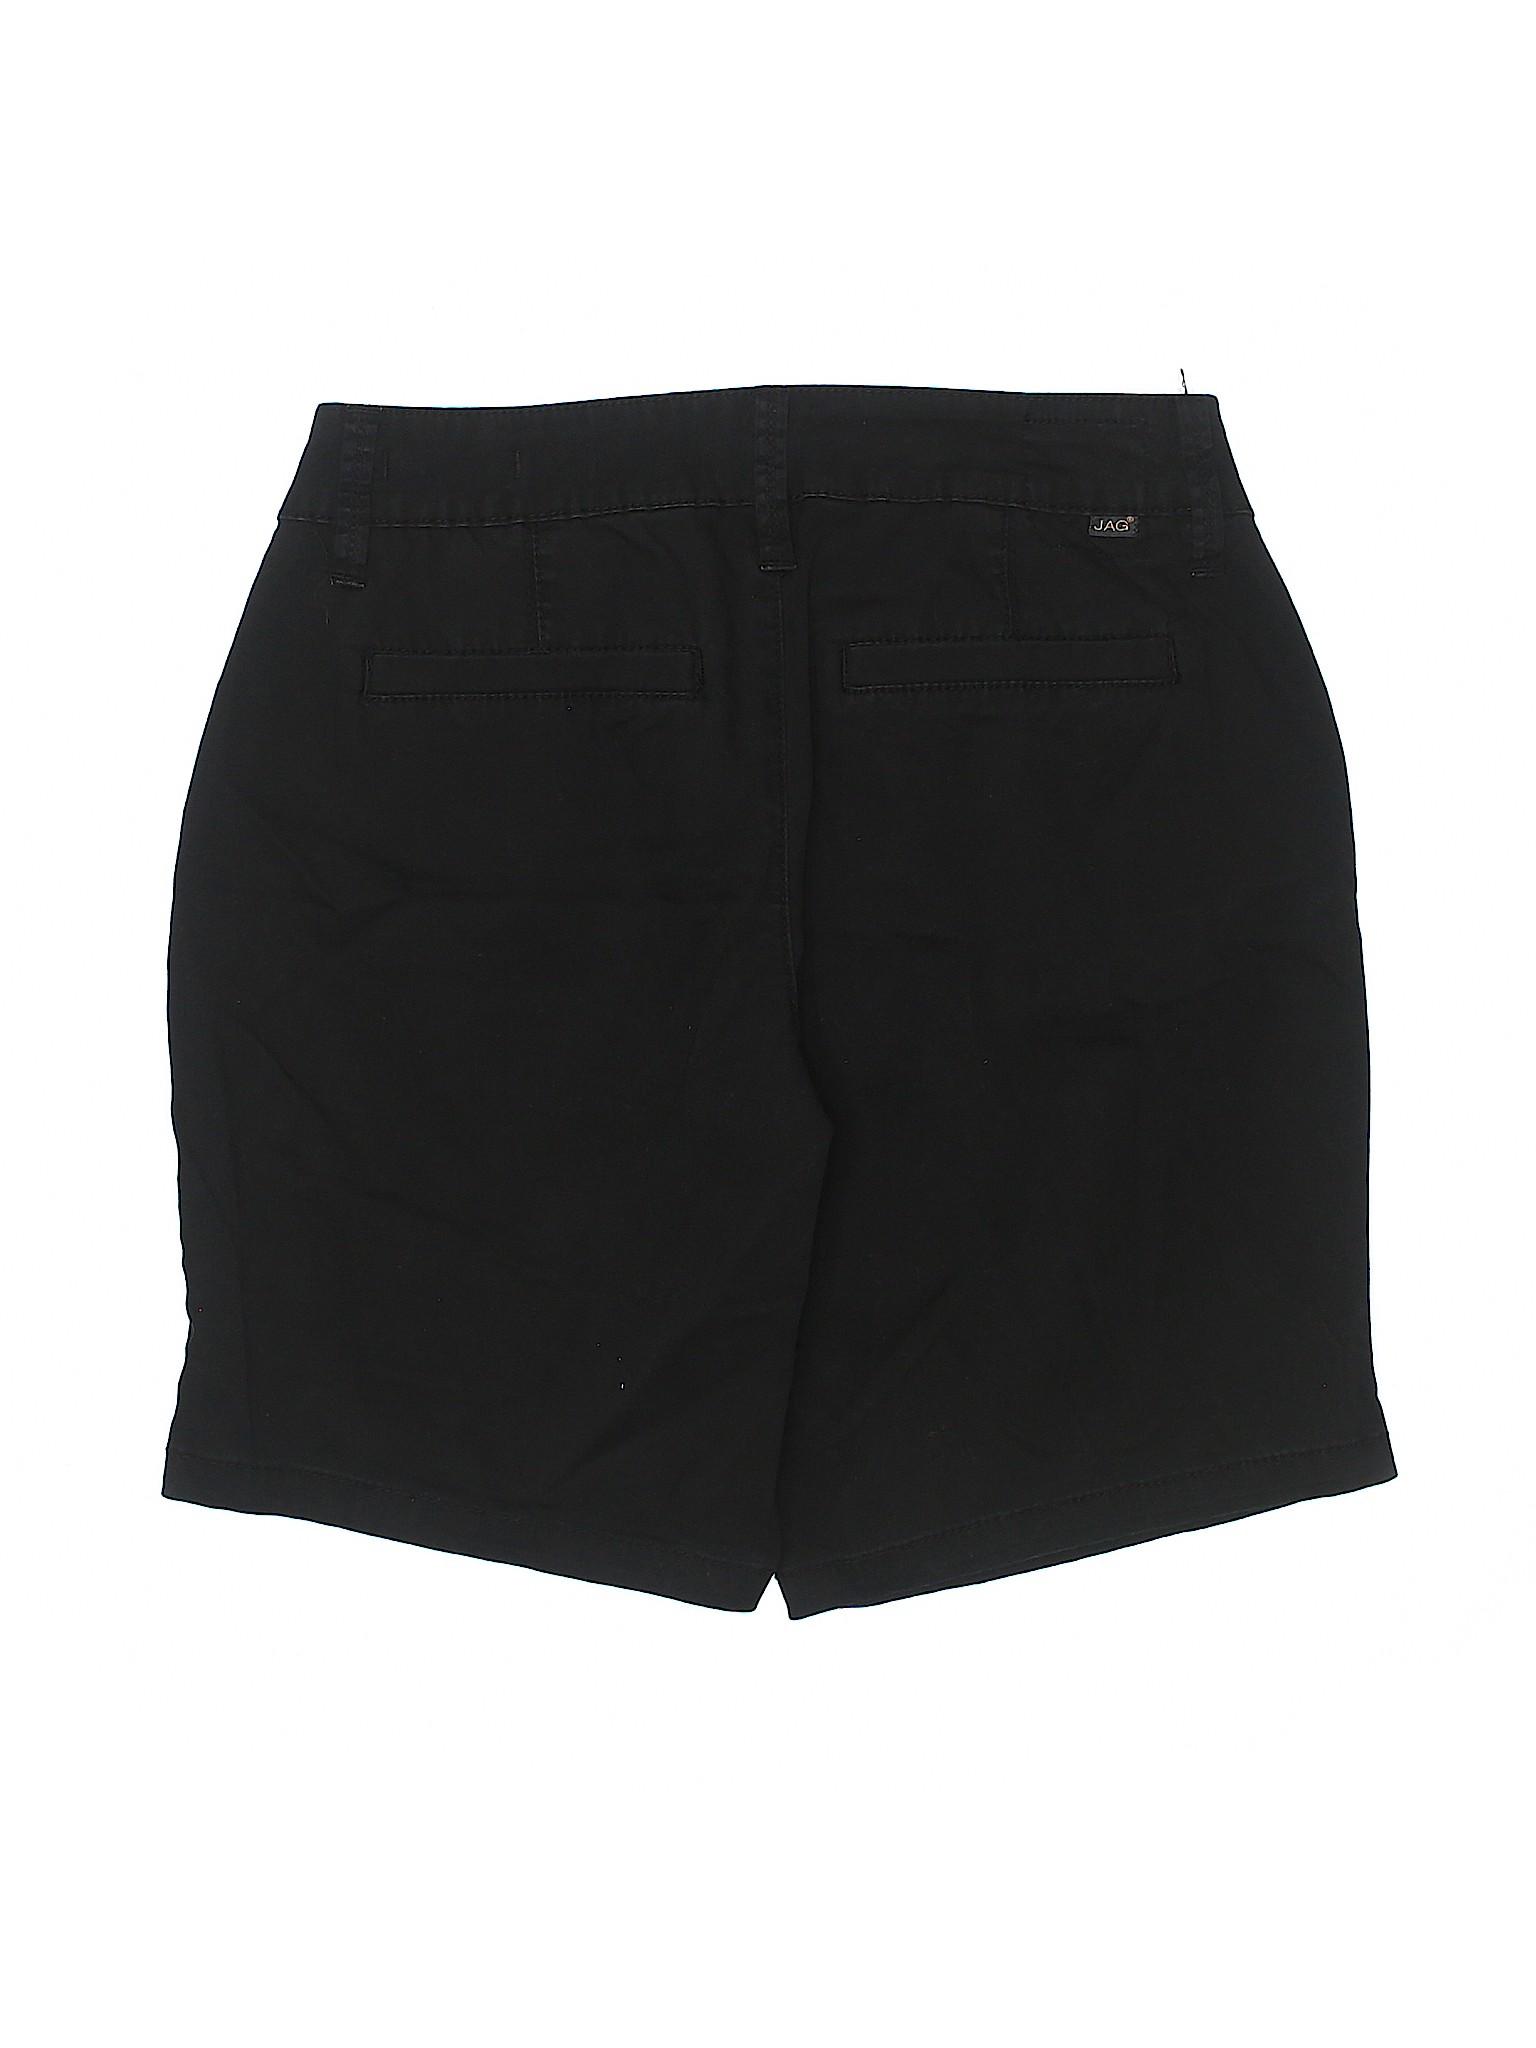 Boutique Boutique Jag Shorts Shorts Shorts Jag Jag Shorts Boutique Jag Boutique Boutique Shorts Jag Boutique rqYHw7zqB